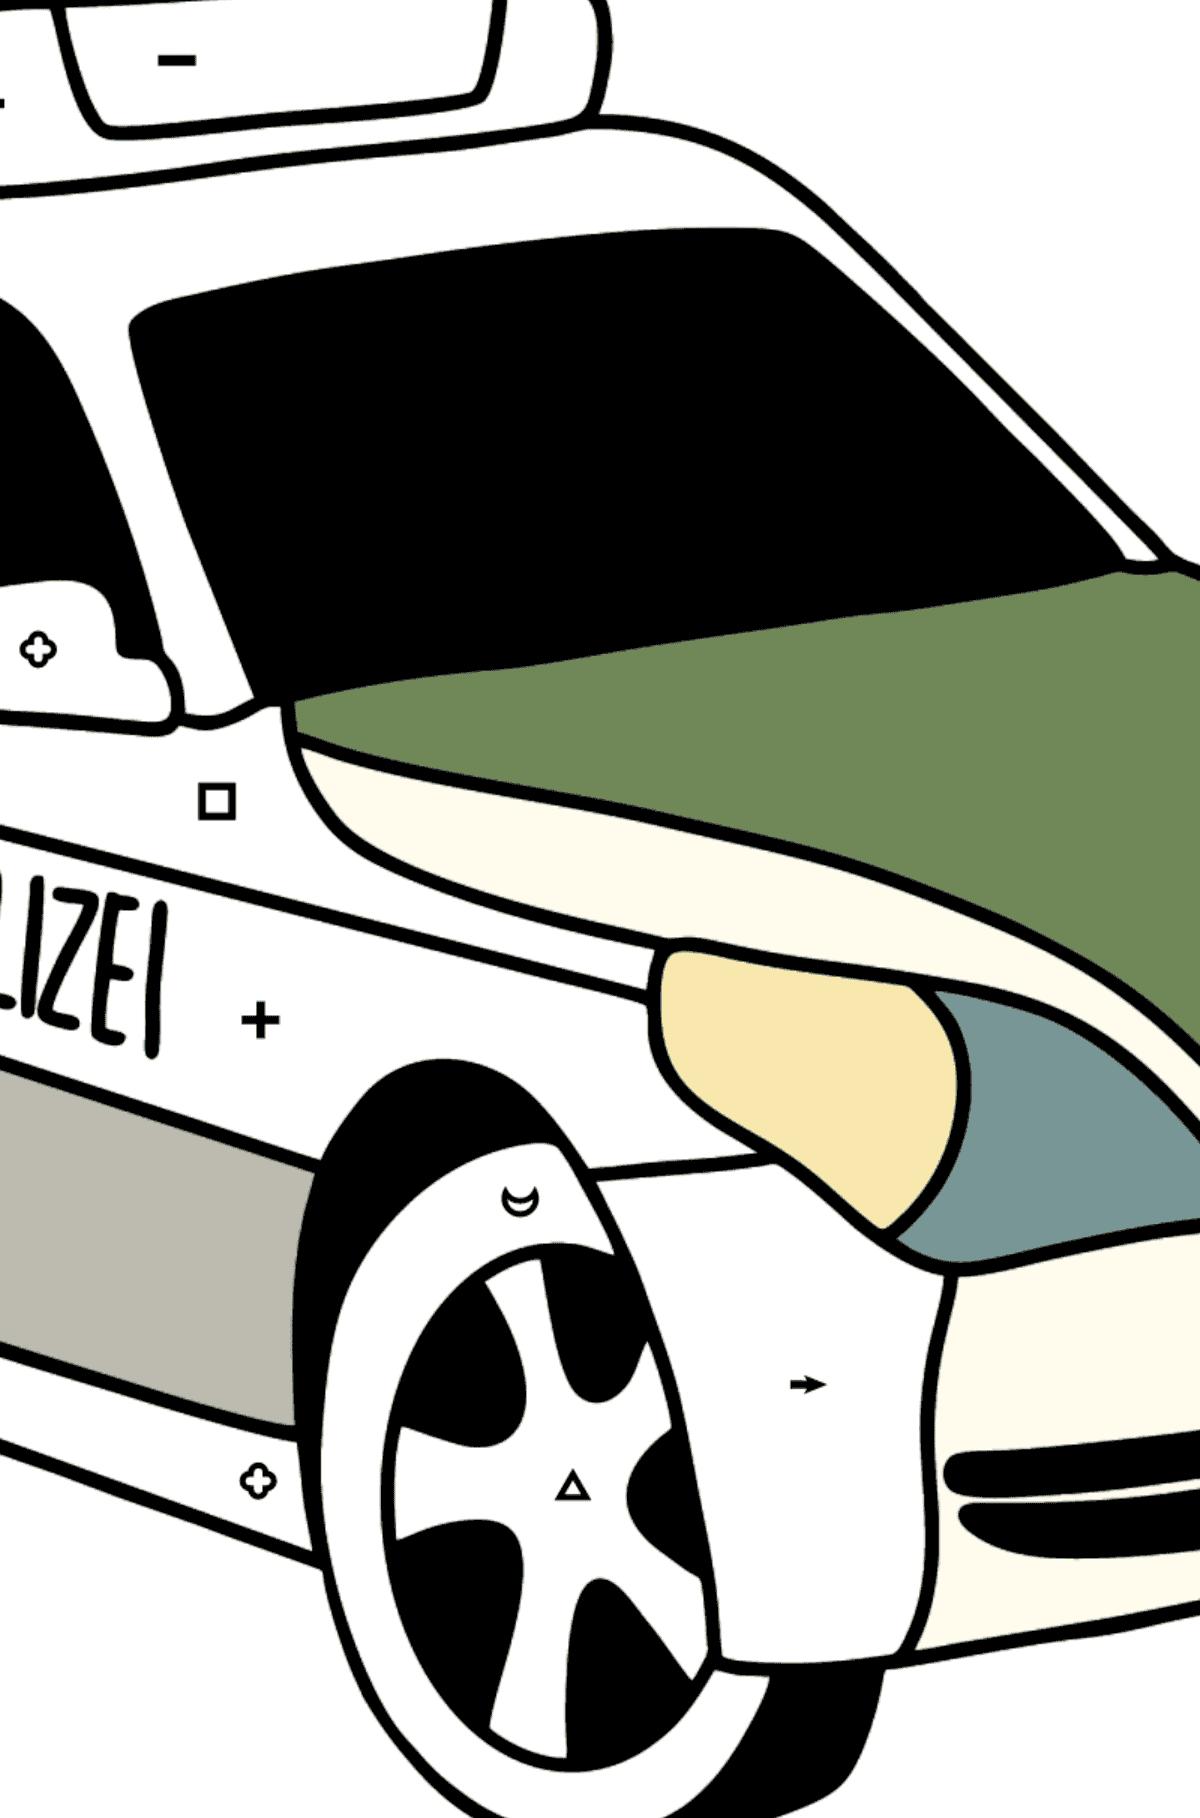 Раскраска Машина полиции в Германии - Раскраска по Символам и Геометрическим Фигурам для Детей